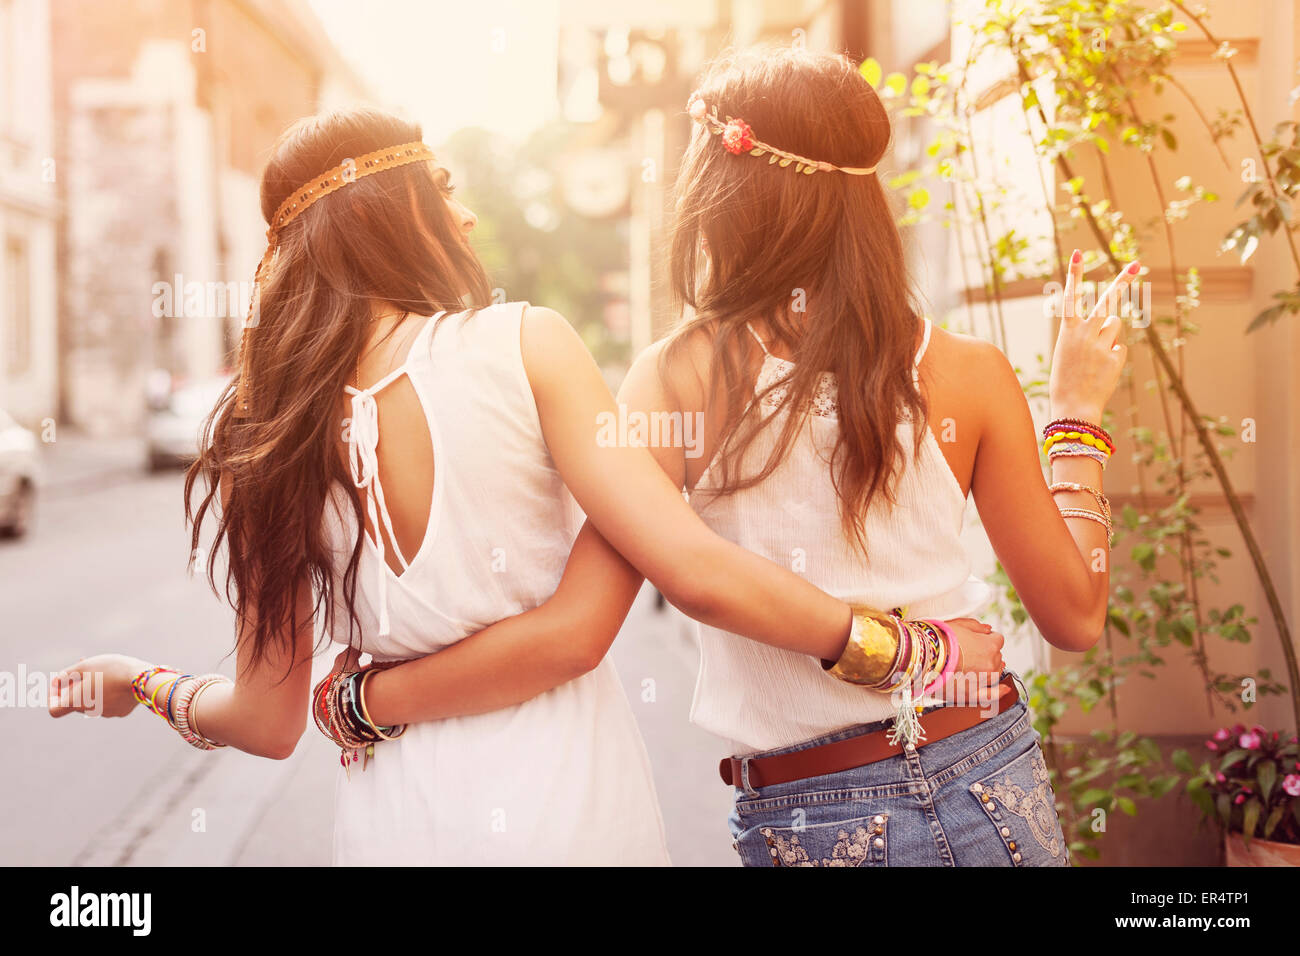 Boho ragazze a piedi nella città. Cracovia in Polonia Immagini Stock